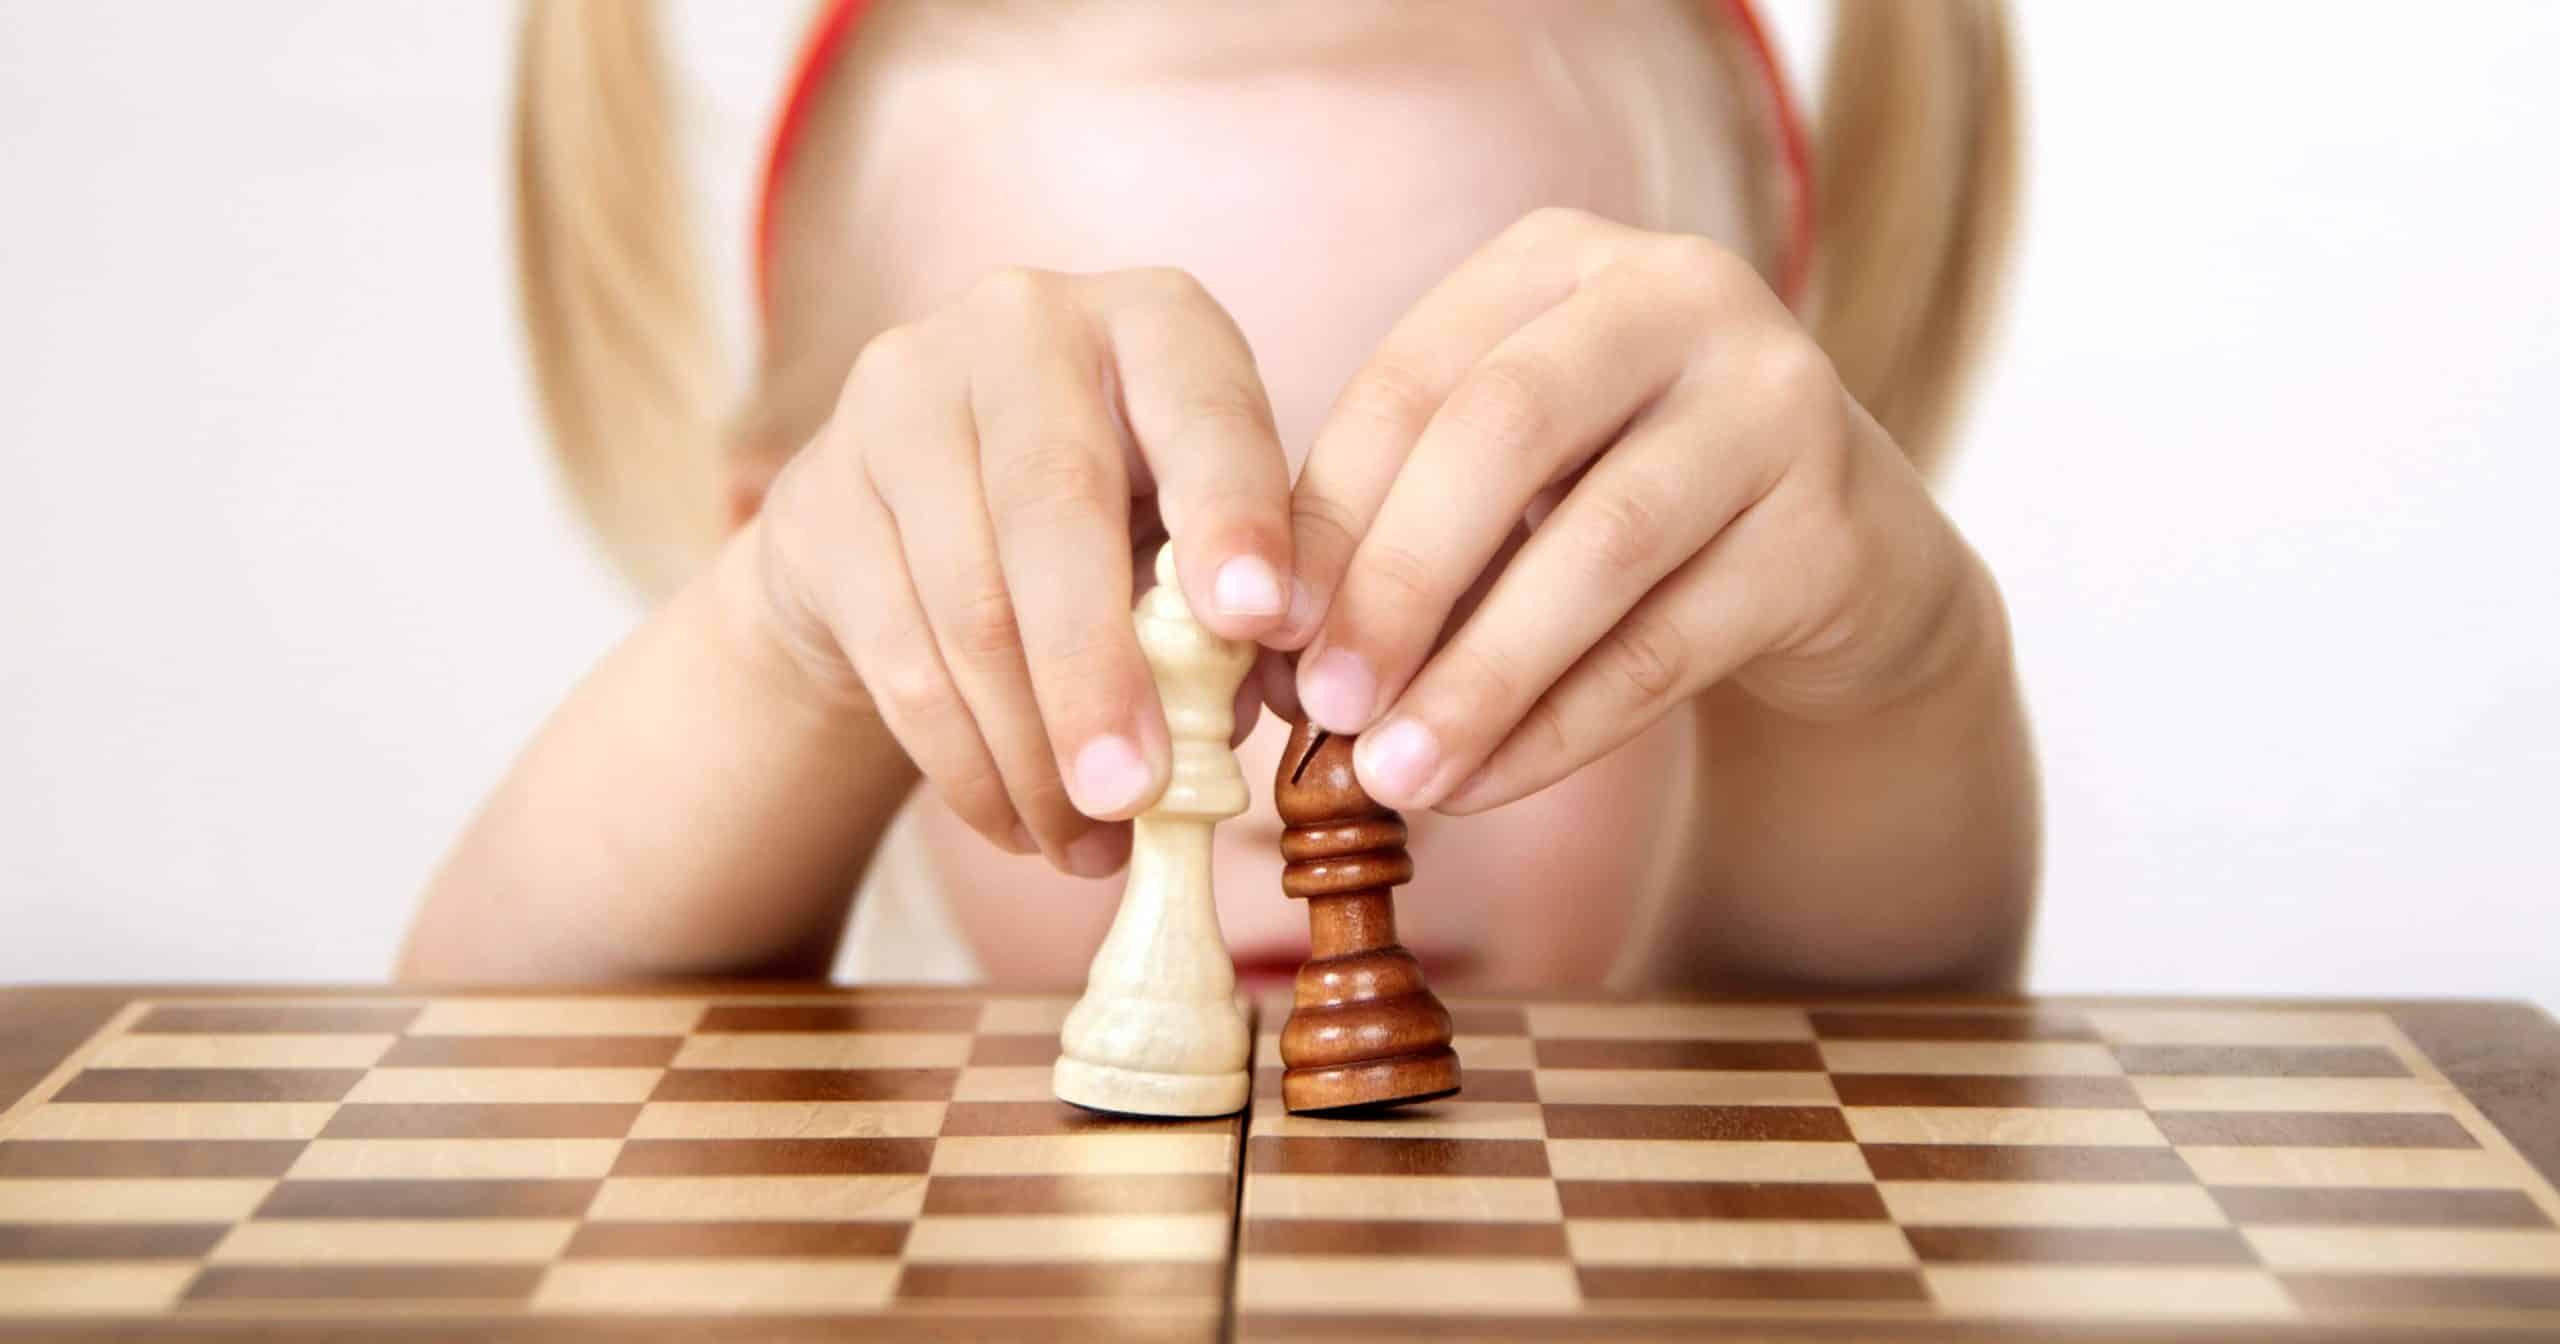 Comment apprendre à l'enfant à trotter?